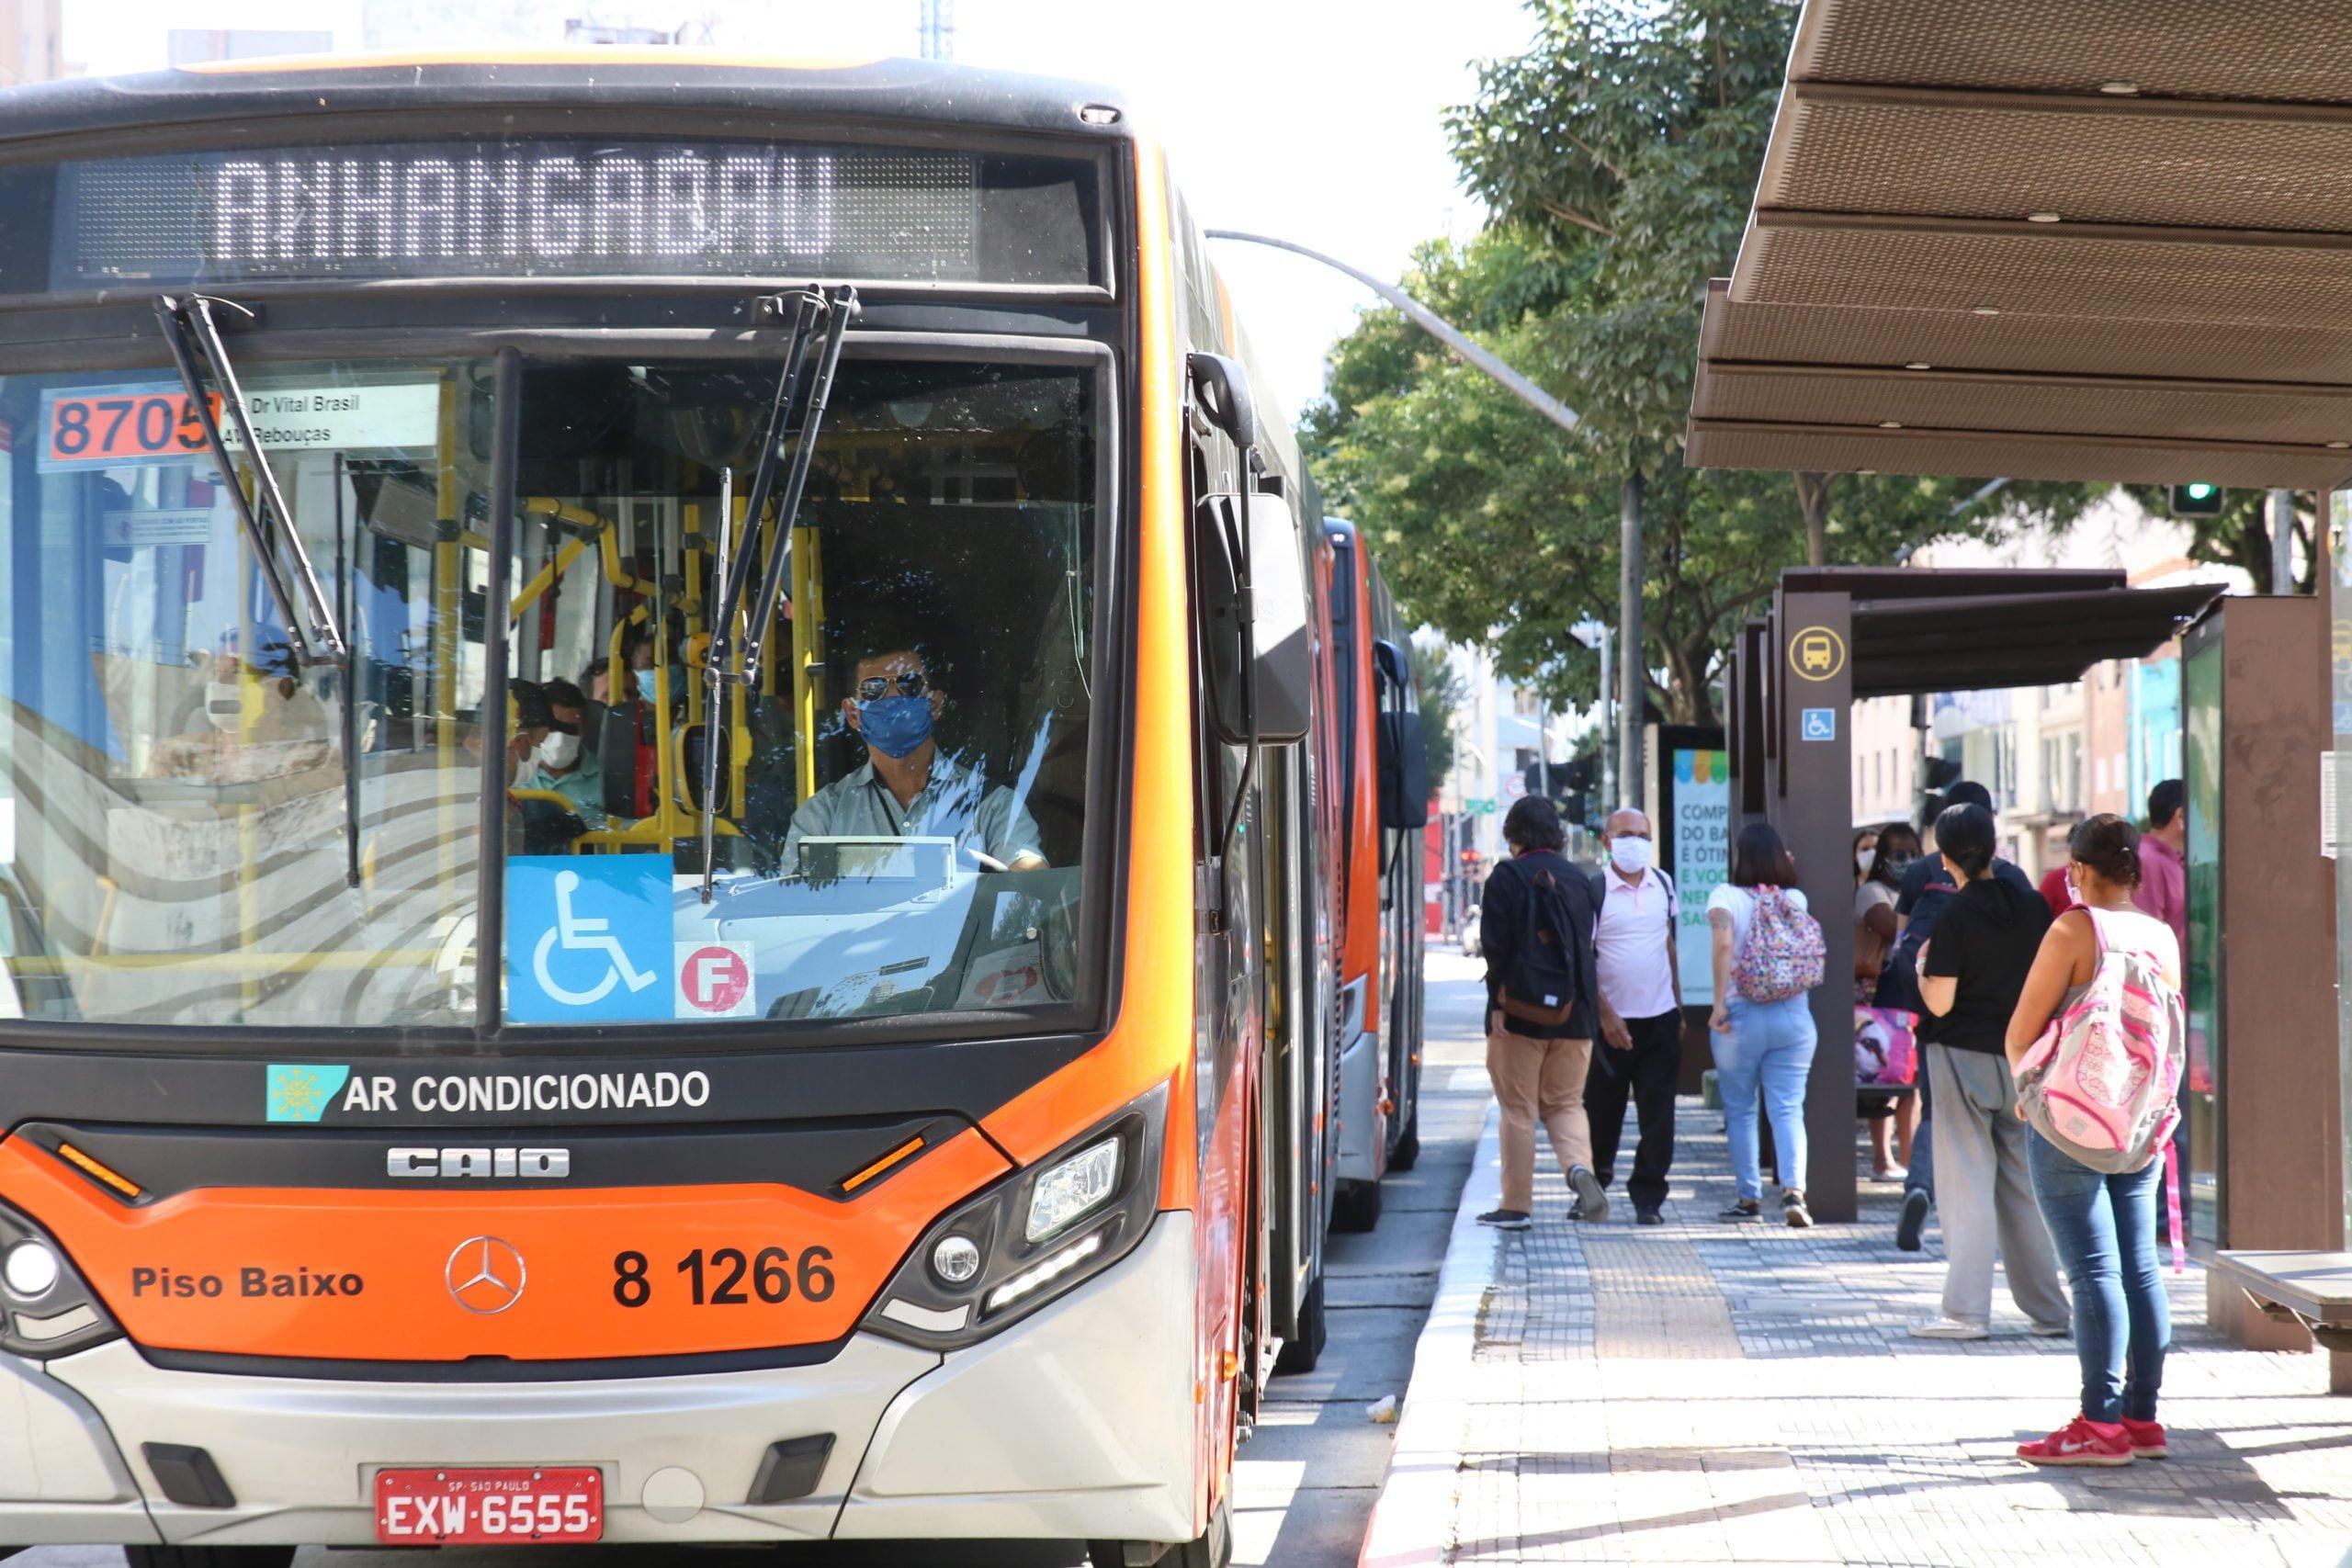 Pandemia leva 60% dos eleitores a evitar o transporte público em SP, mostra Datafolha